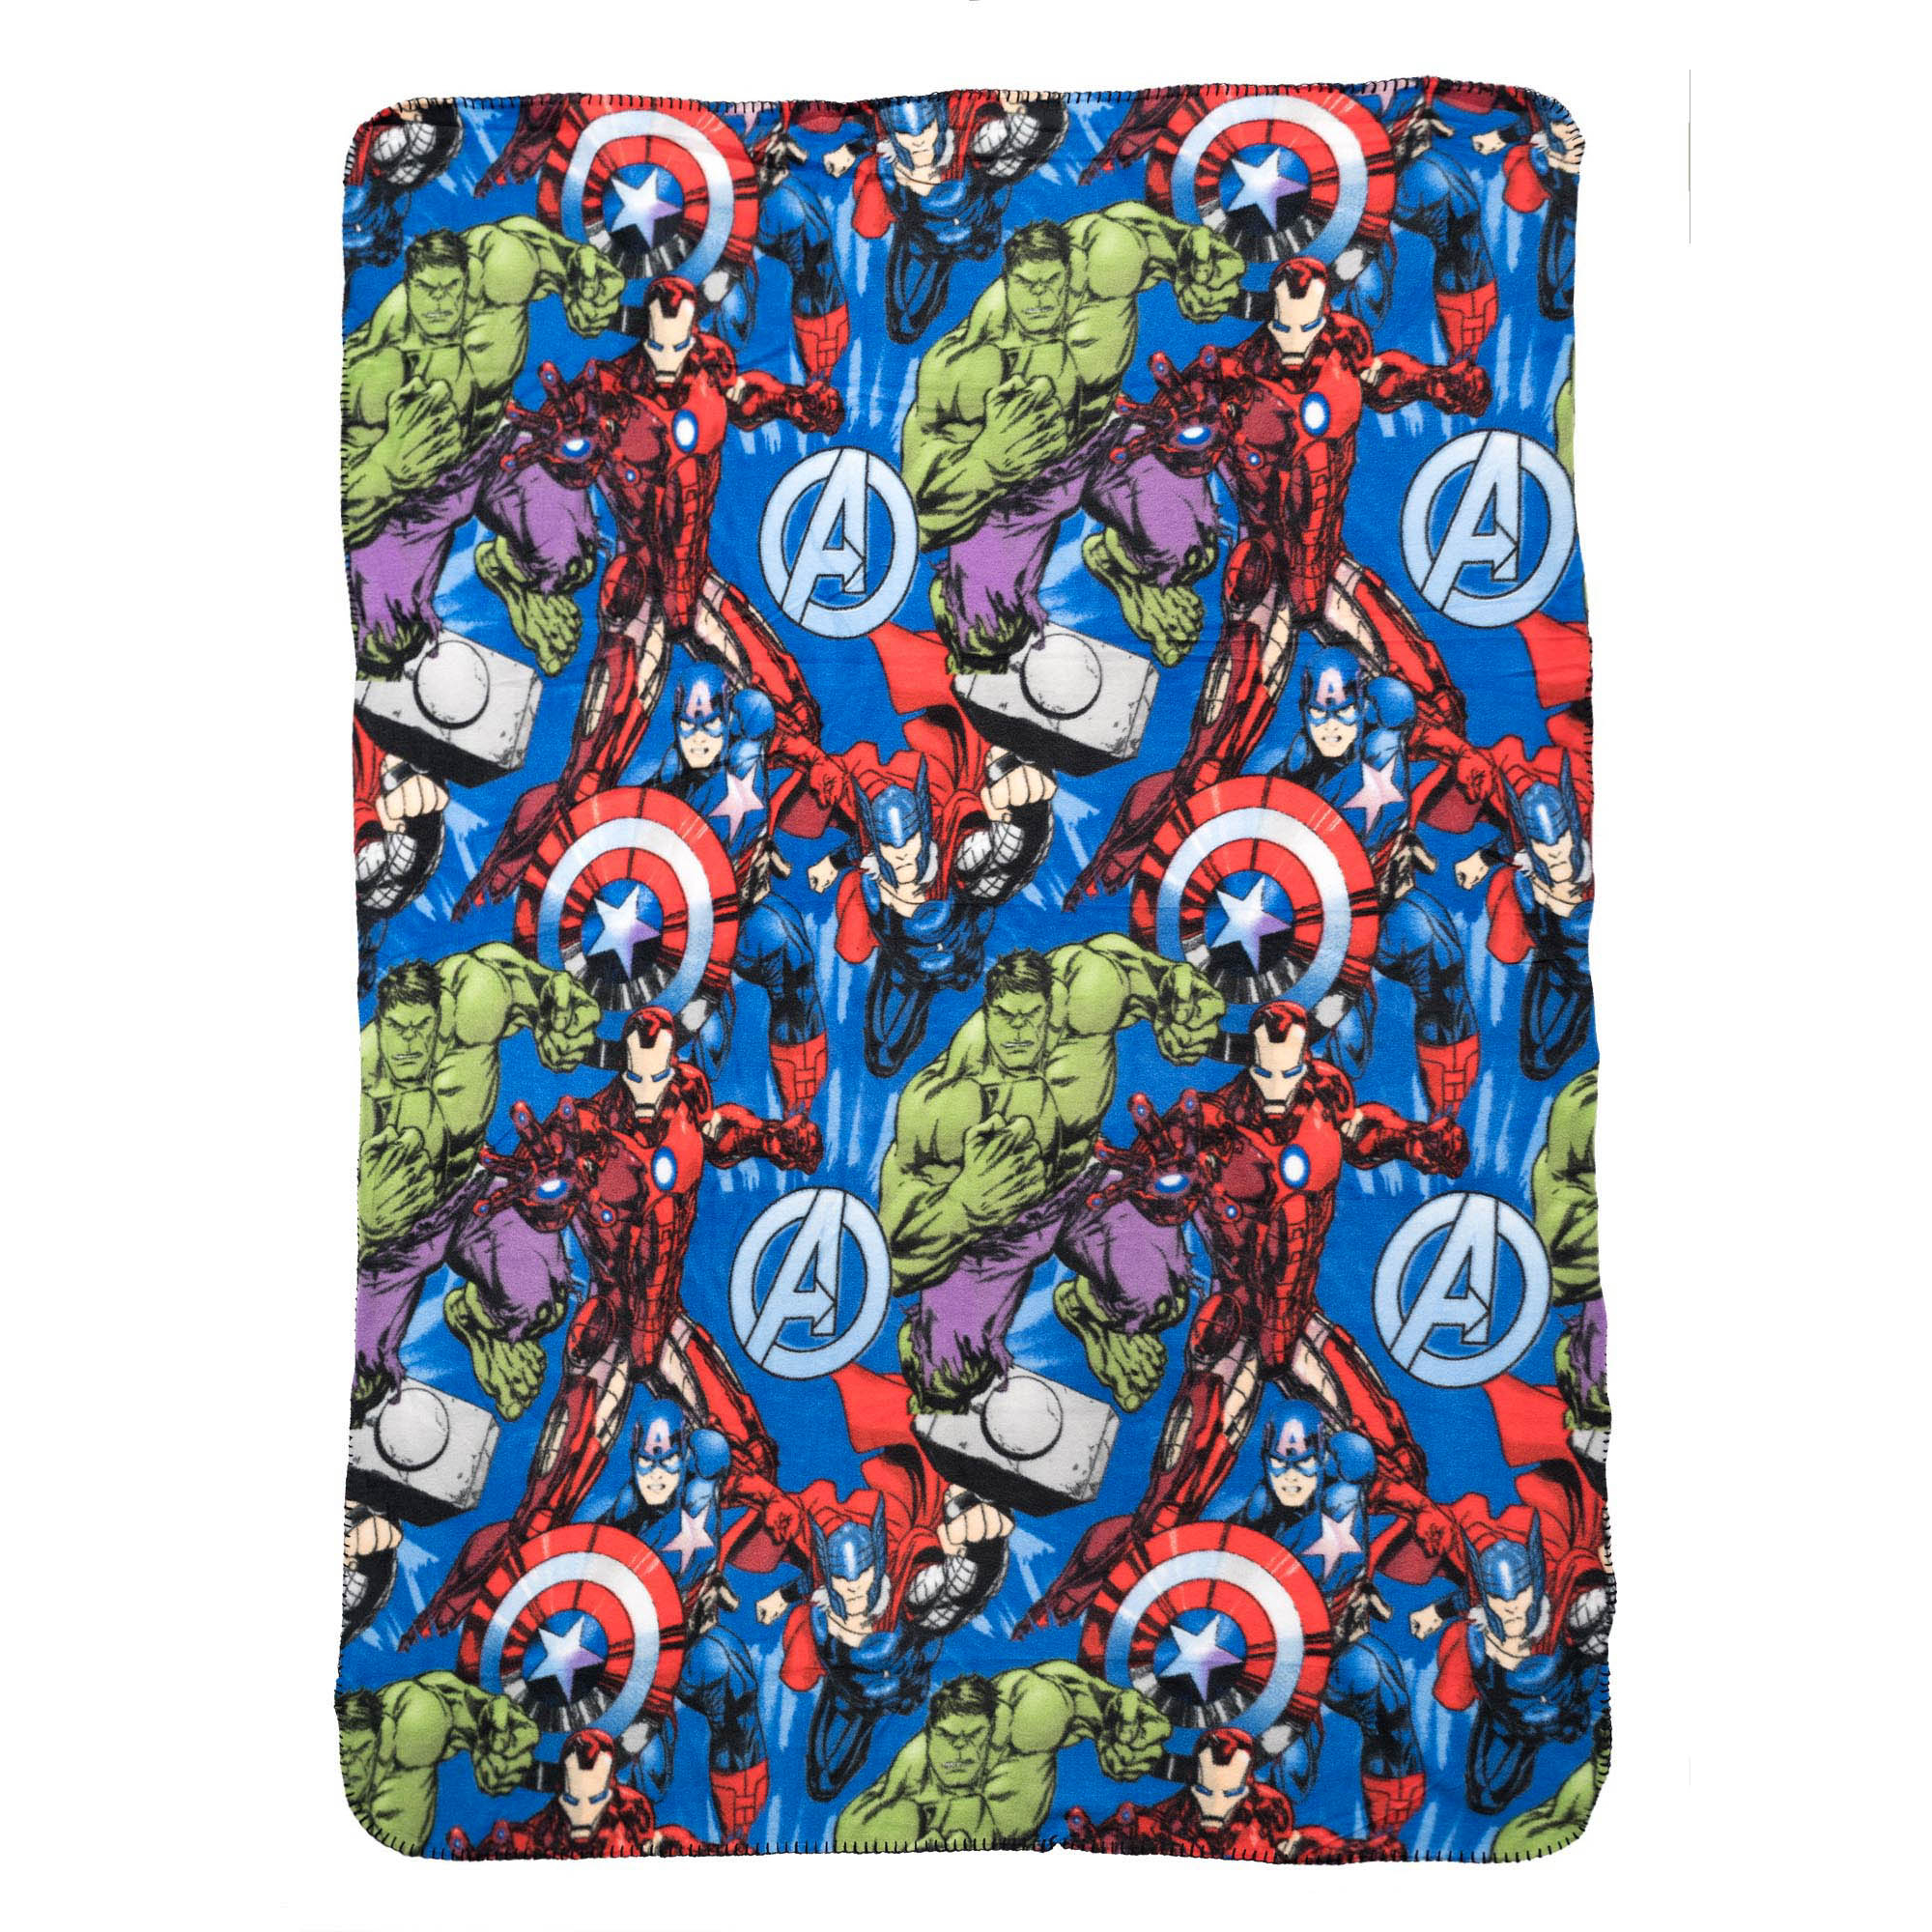 Marvel Avengers Plush Fleece Throw Blanket 45 x 60 Inch